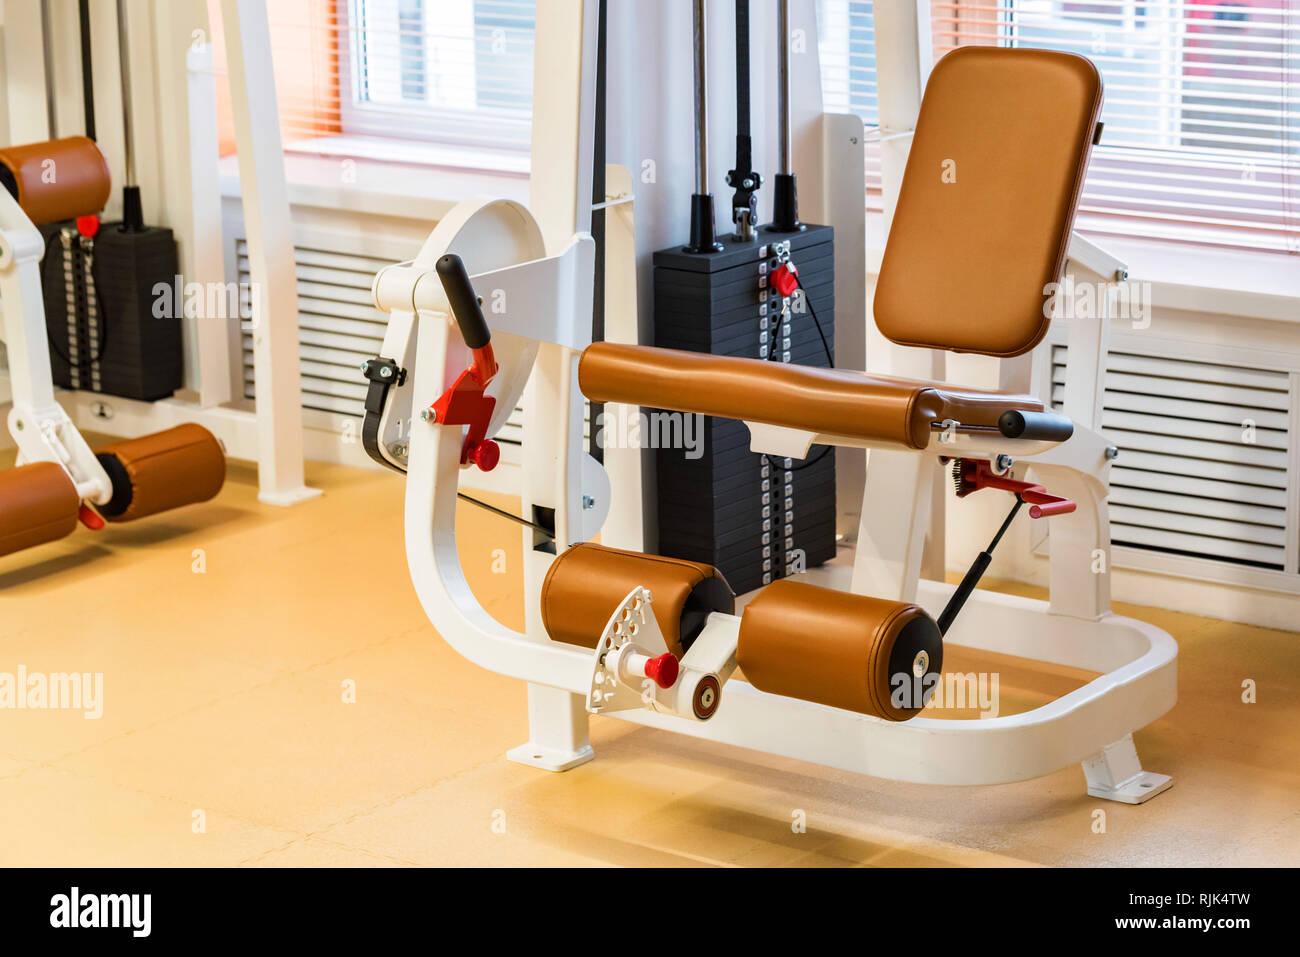 L'extension des jambes vide machine d'exercice dans la salle de sport moderne Photo Stock